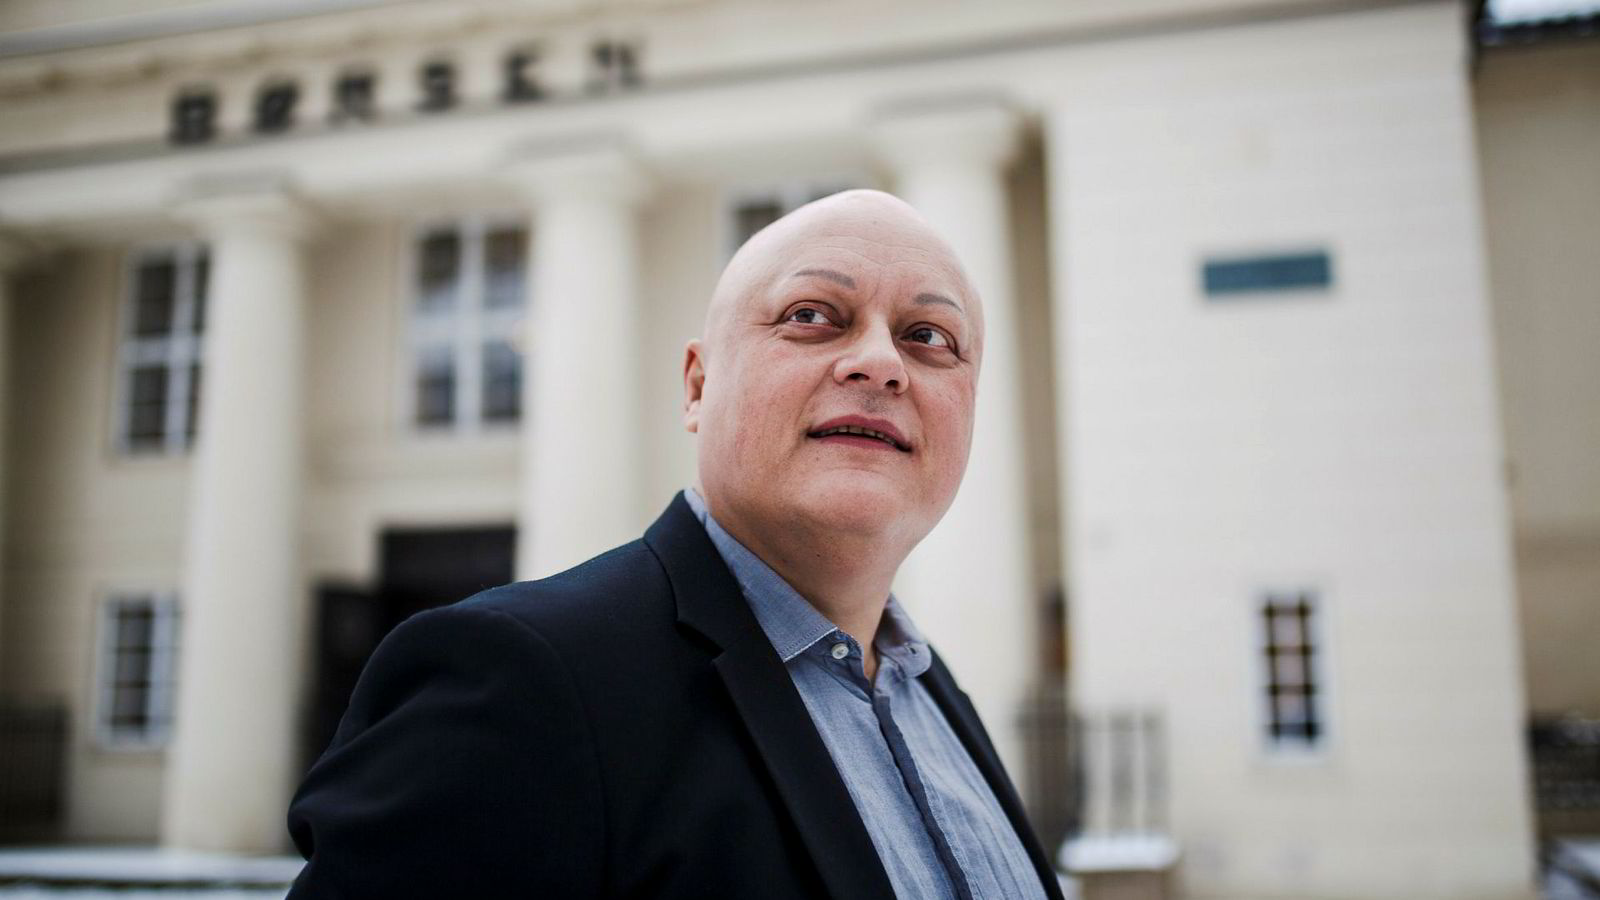 Fagdirektør for finans i Forbrukerrådet, Jorge Jensen, vil ha en grense for hvor mye bankene kan ta i renter og gebyrer.